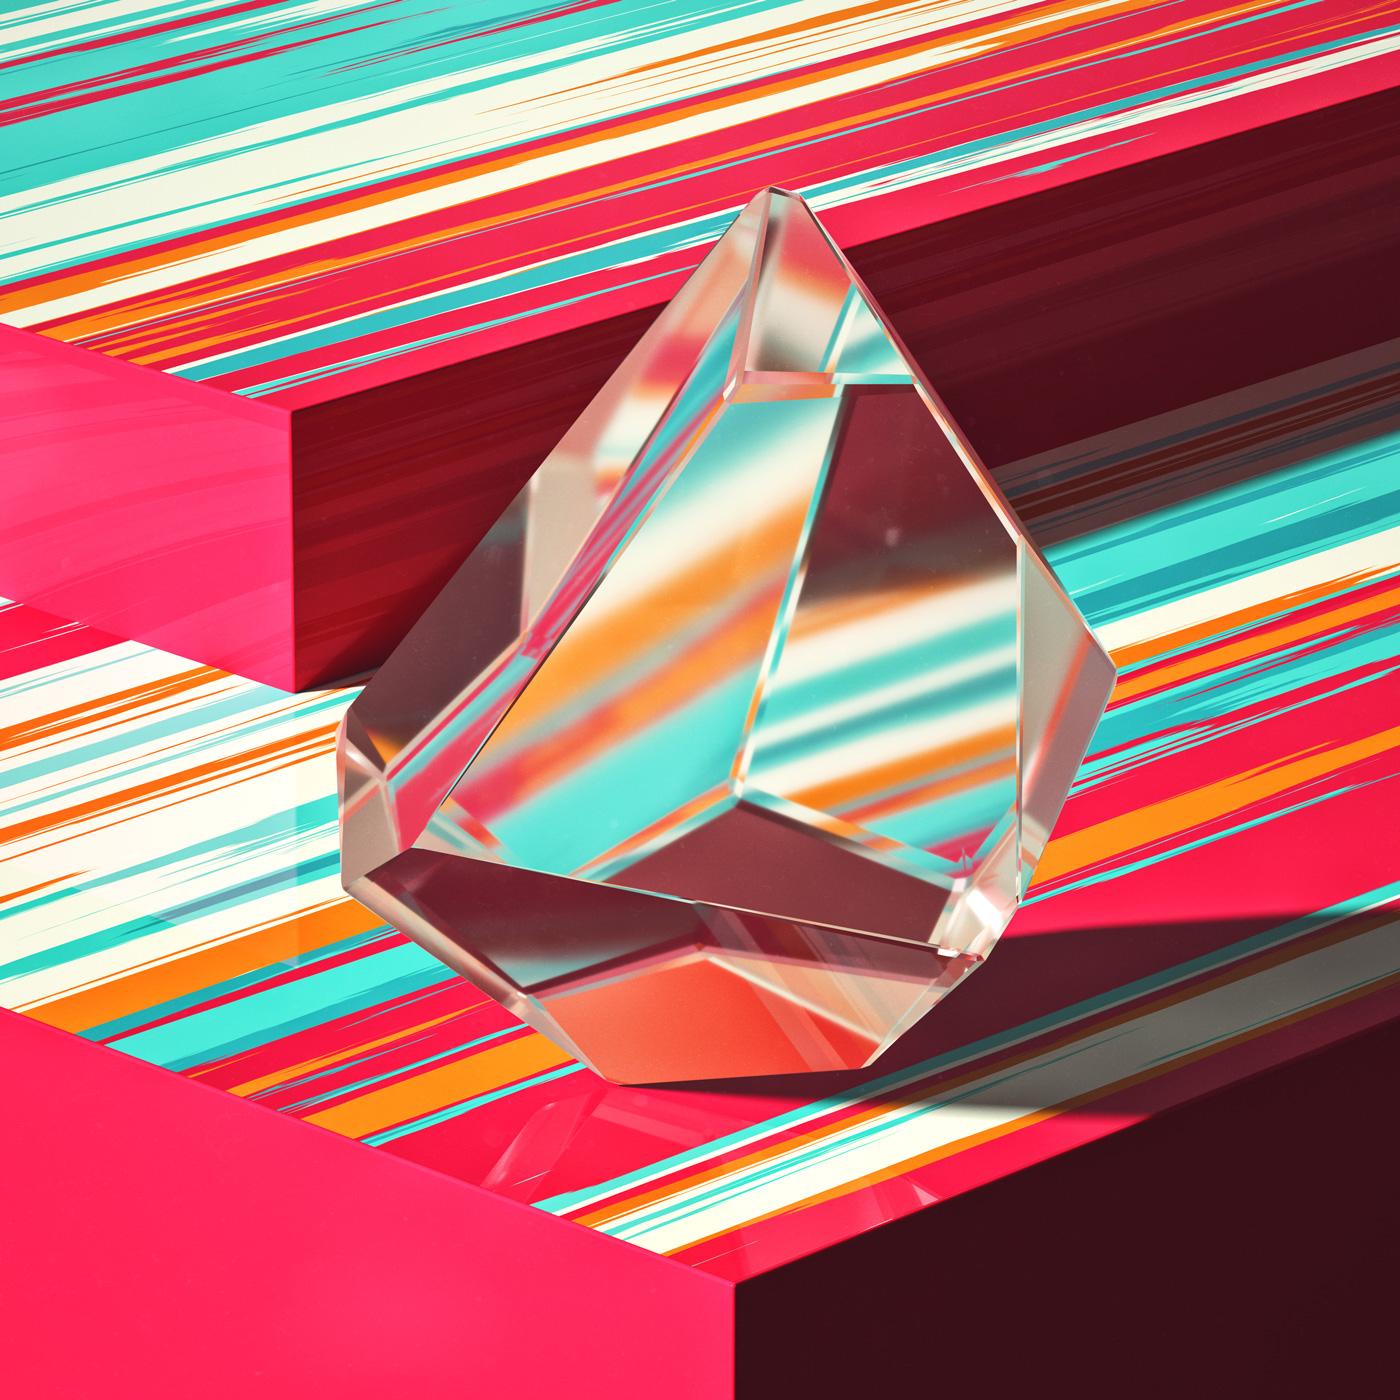 crystaltears_1400.jpg